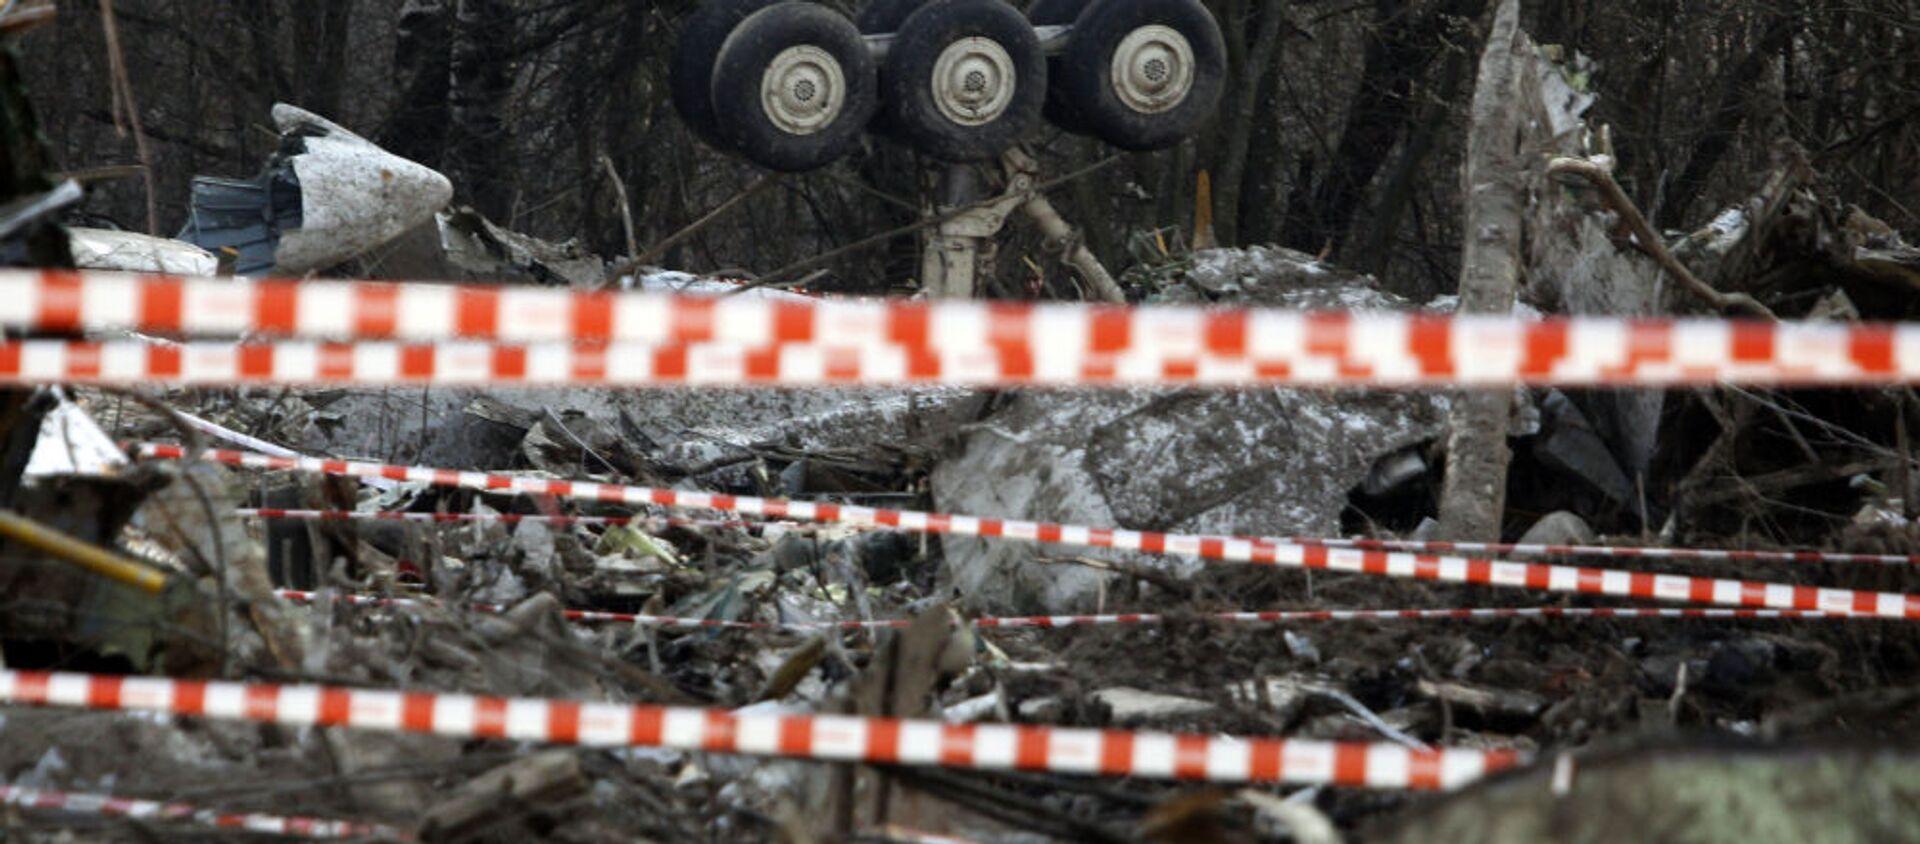 Miejsce katastrofy prezydenckiego samolotu Tu-154 pod Smoleńskiem, 11 kwietnia 2010 r. - Sputnik Polska, 1920, 19.03.2021